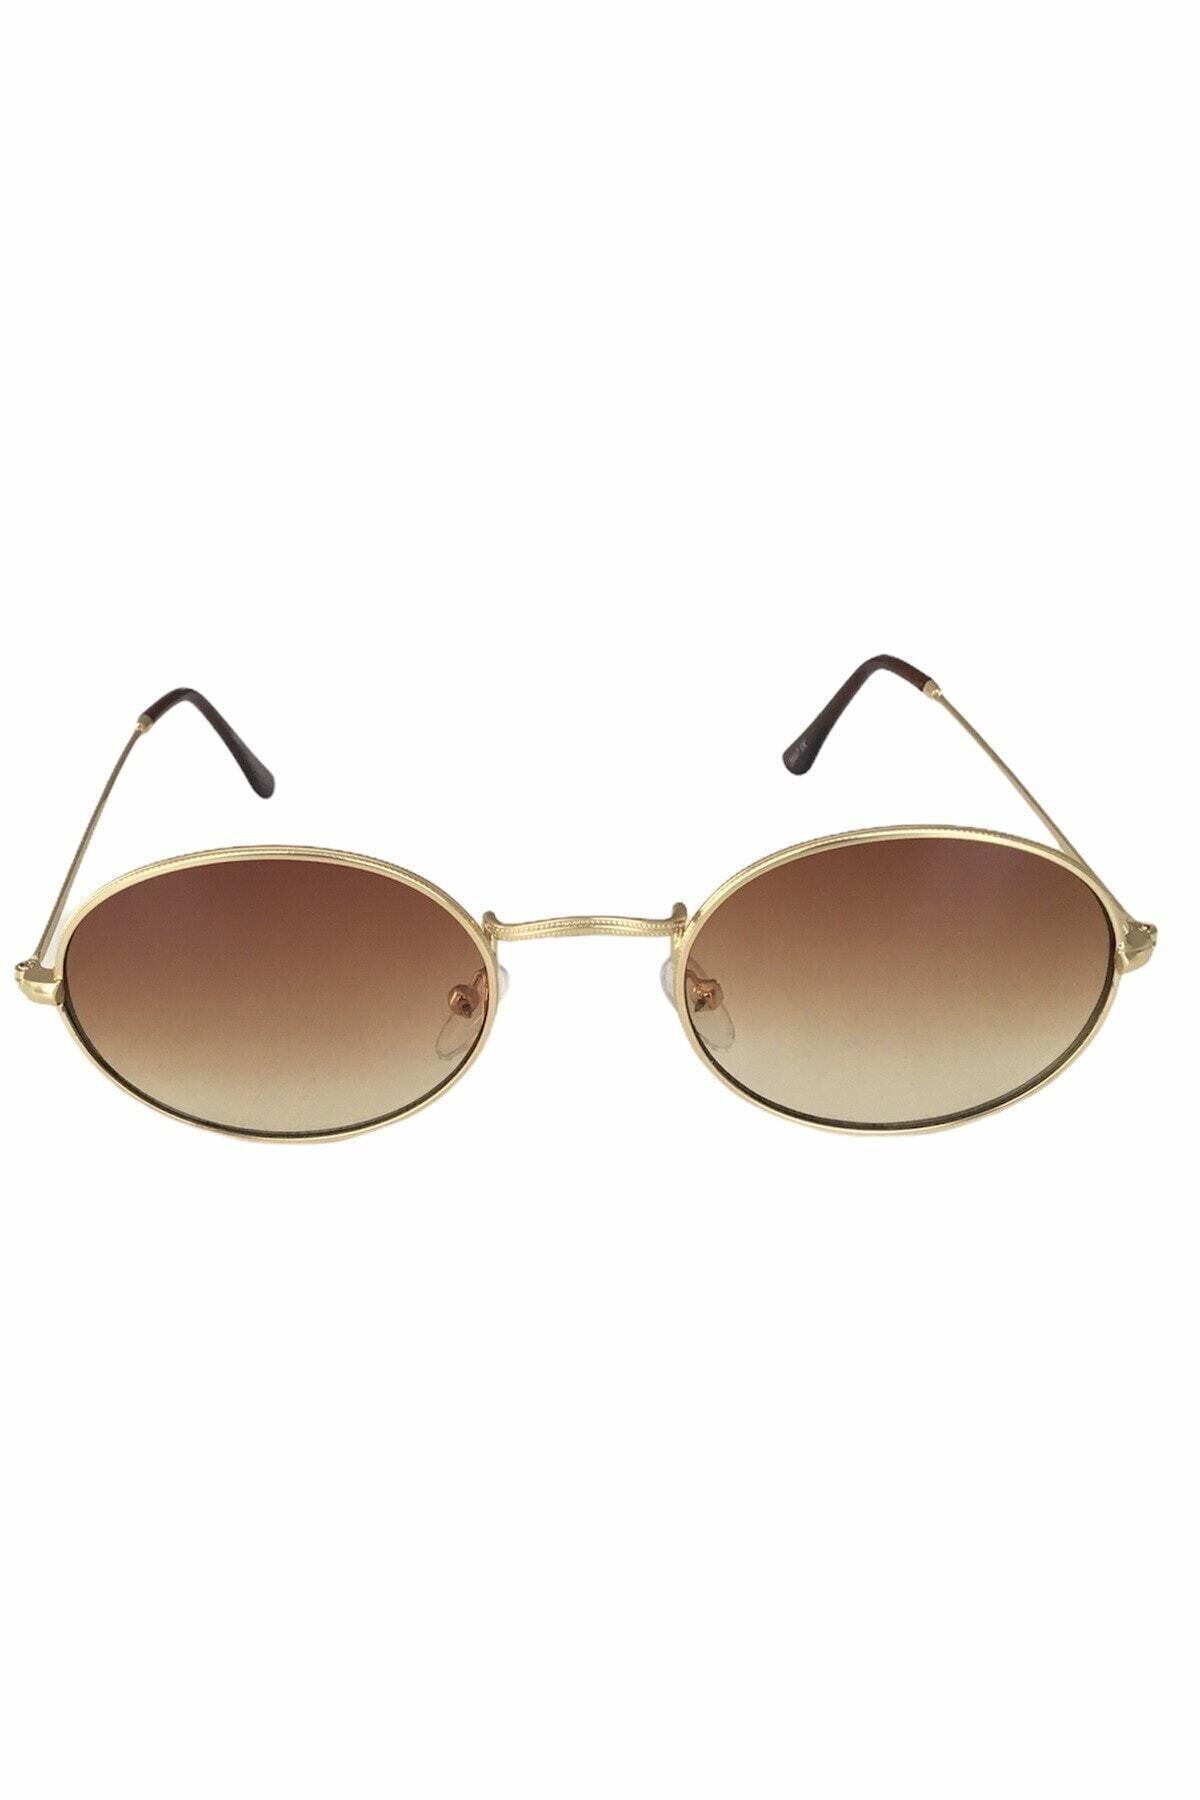 فروش عینک آفتابی مردانه ترک مجلسی برند Curly Accessories رنگ قهوه ای کد ty89248359